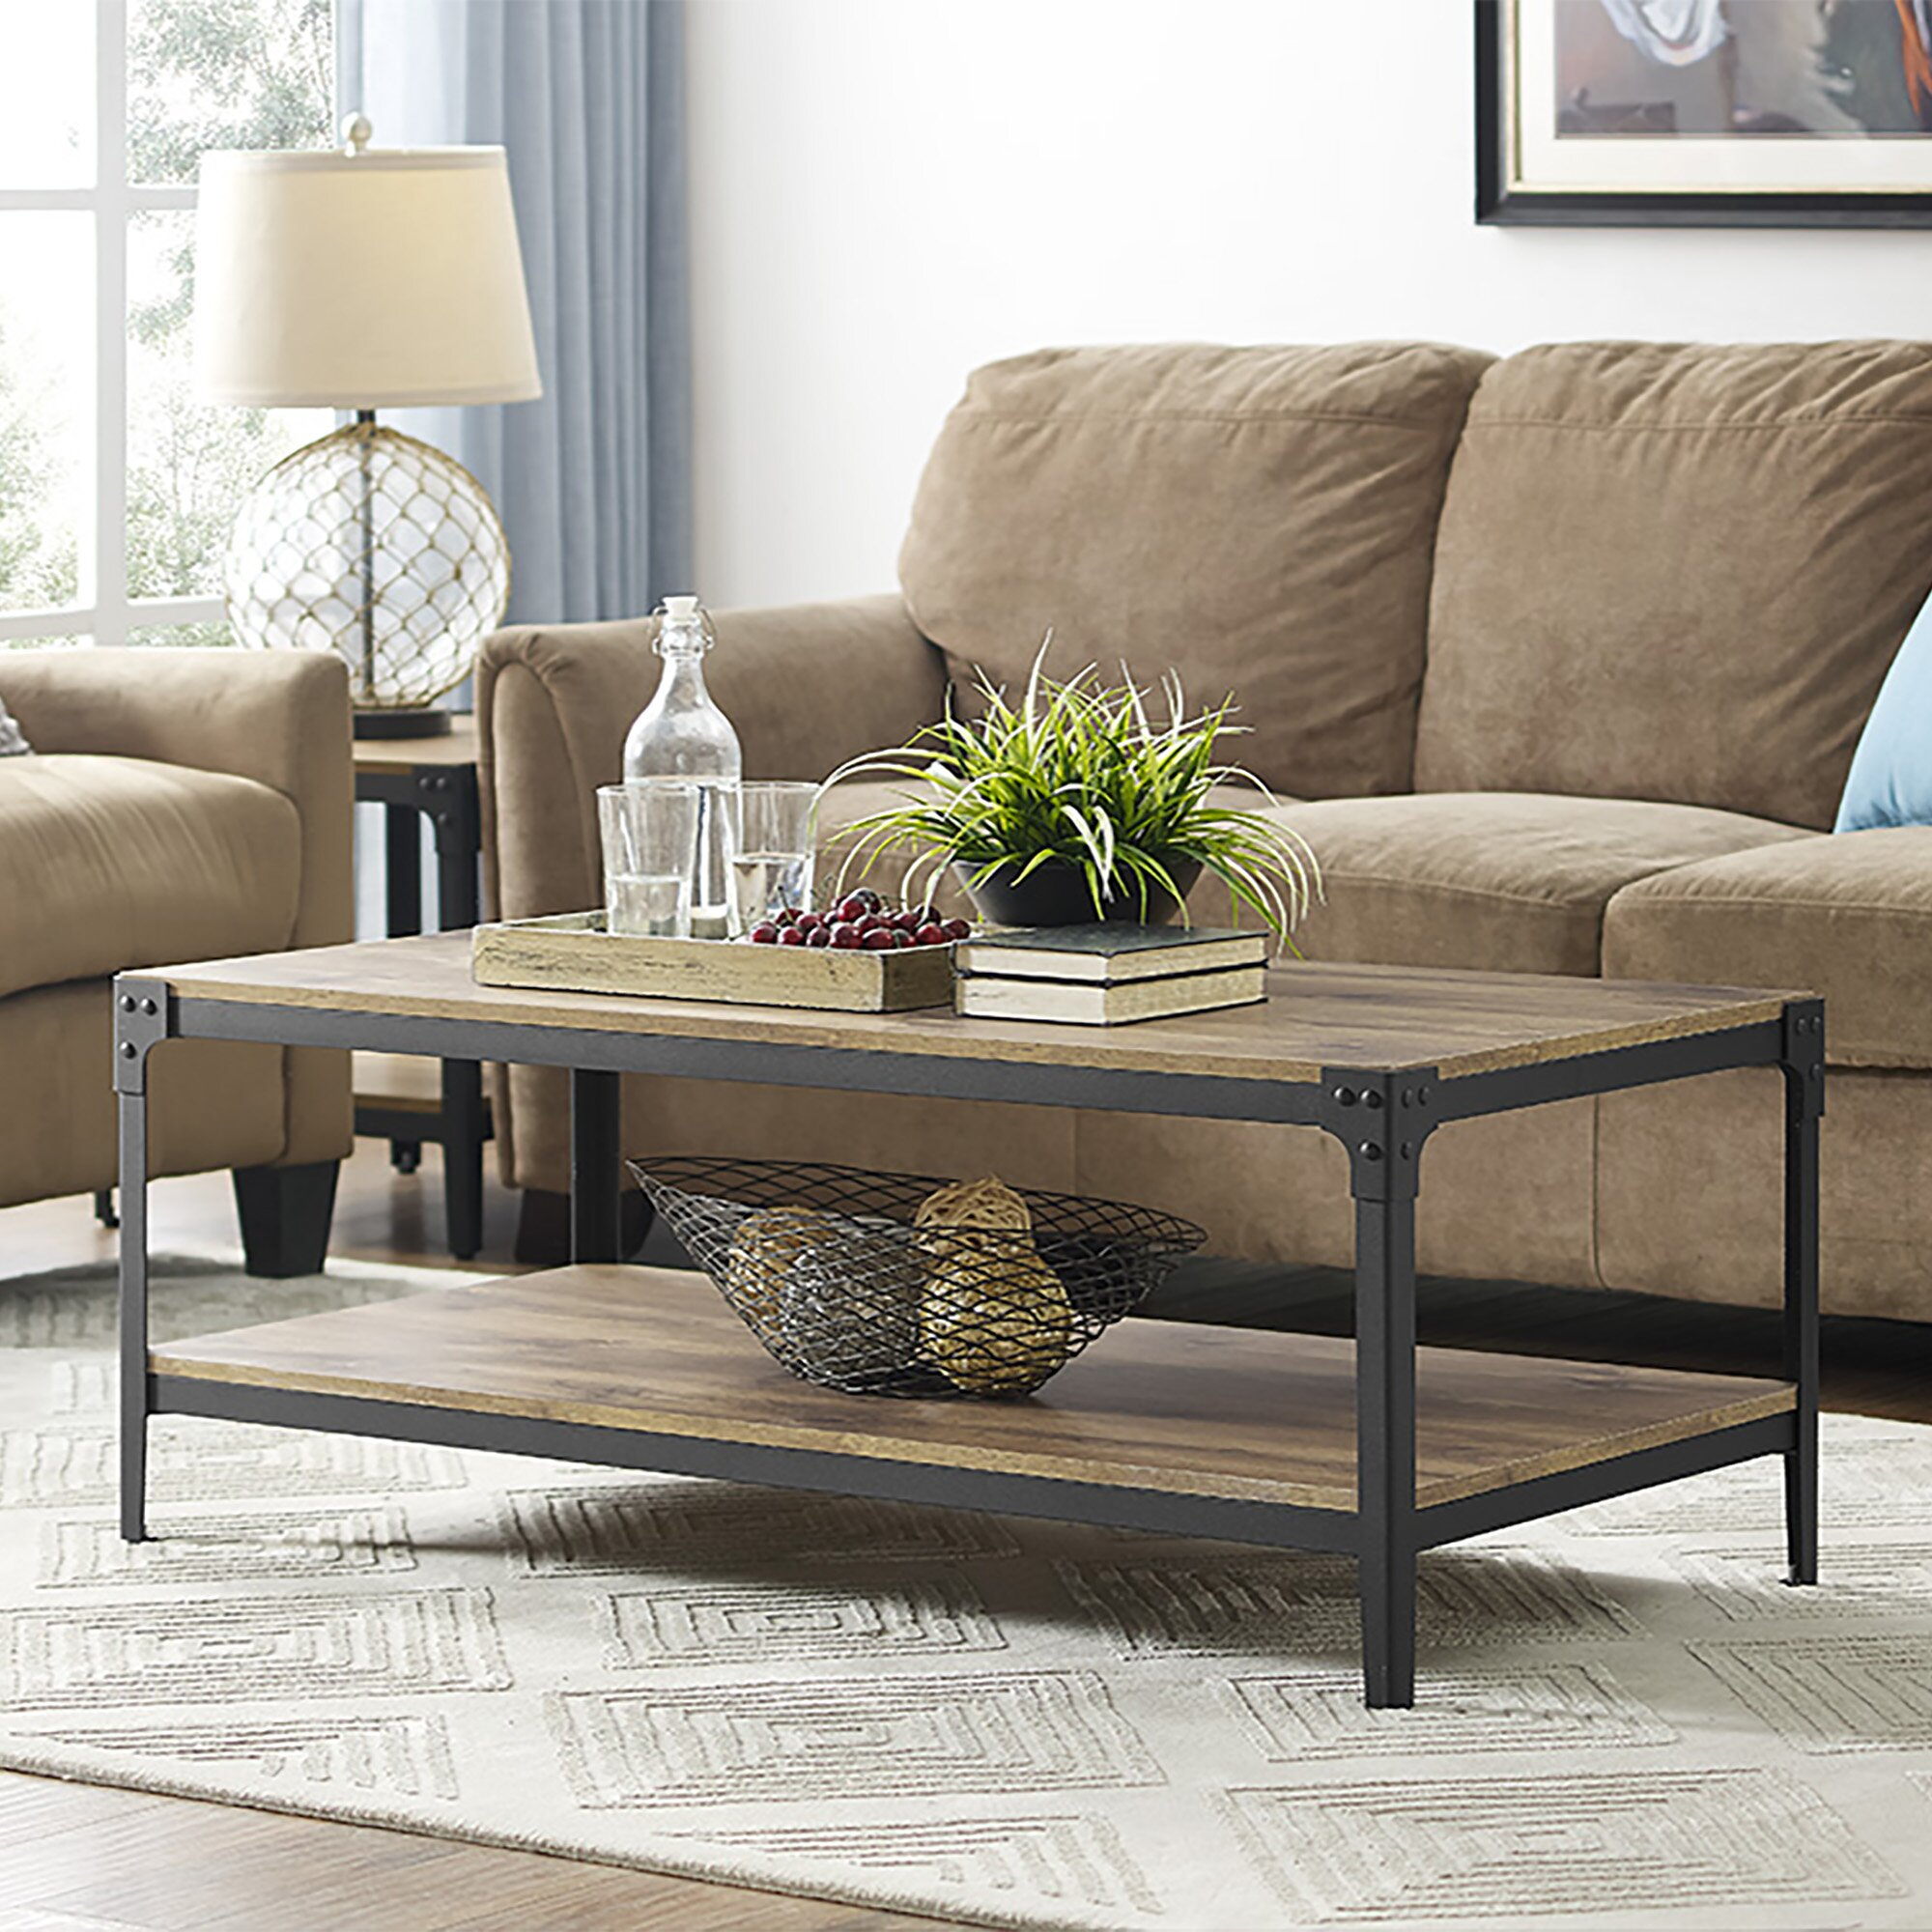 Rustic Wooden Coffee Tables Arboleda Rustic Wood Coffee Table Reviews Allmodern